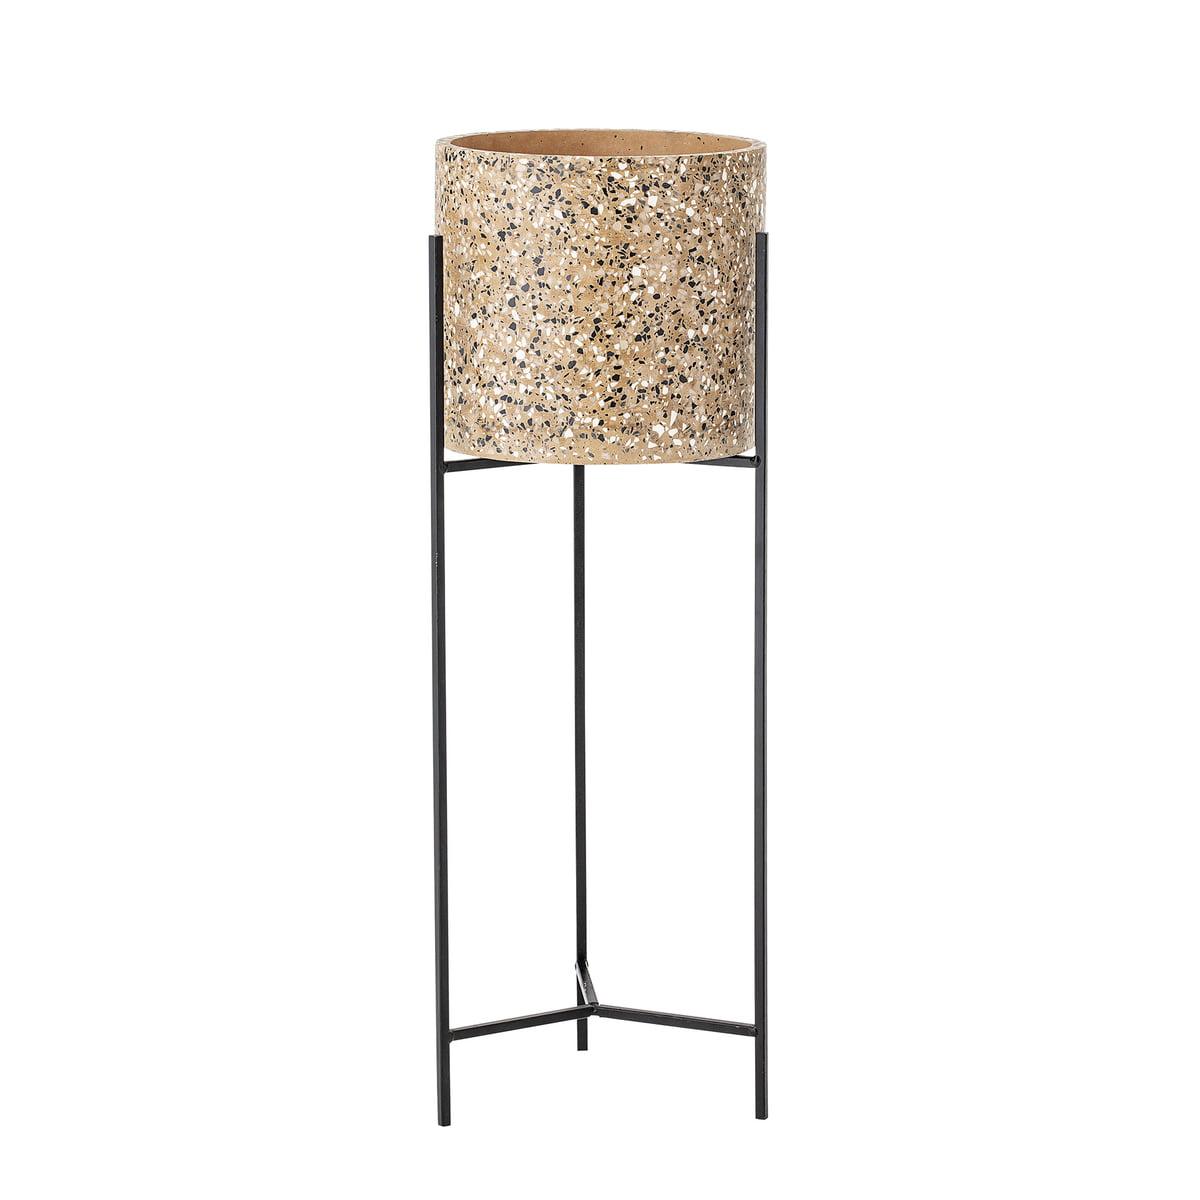 beton blument pfe online kaufen m bel suchmaschine. Black Bedroom Furniture Sets. Home Design Ideas